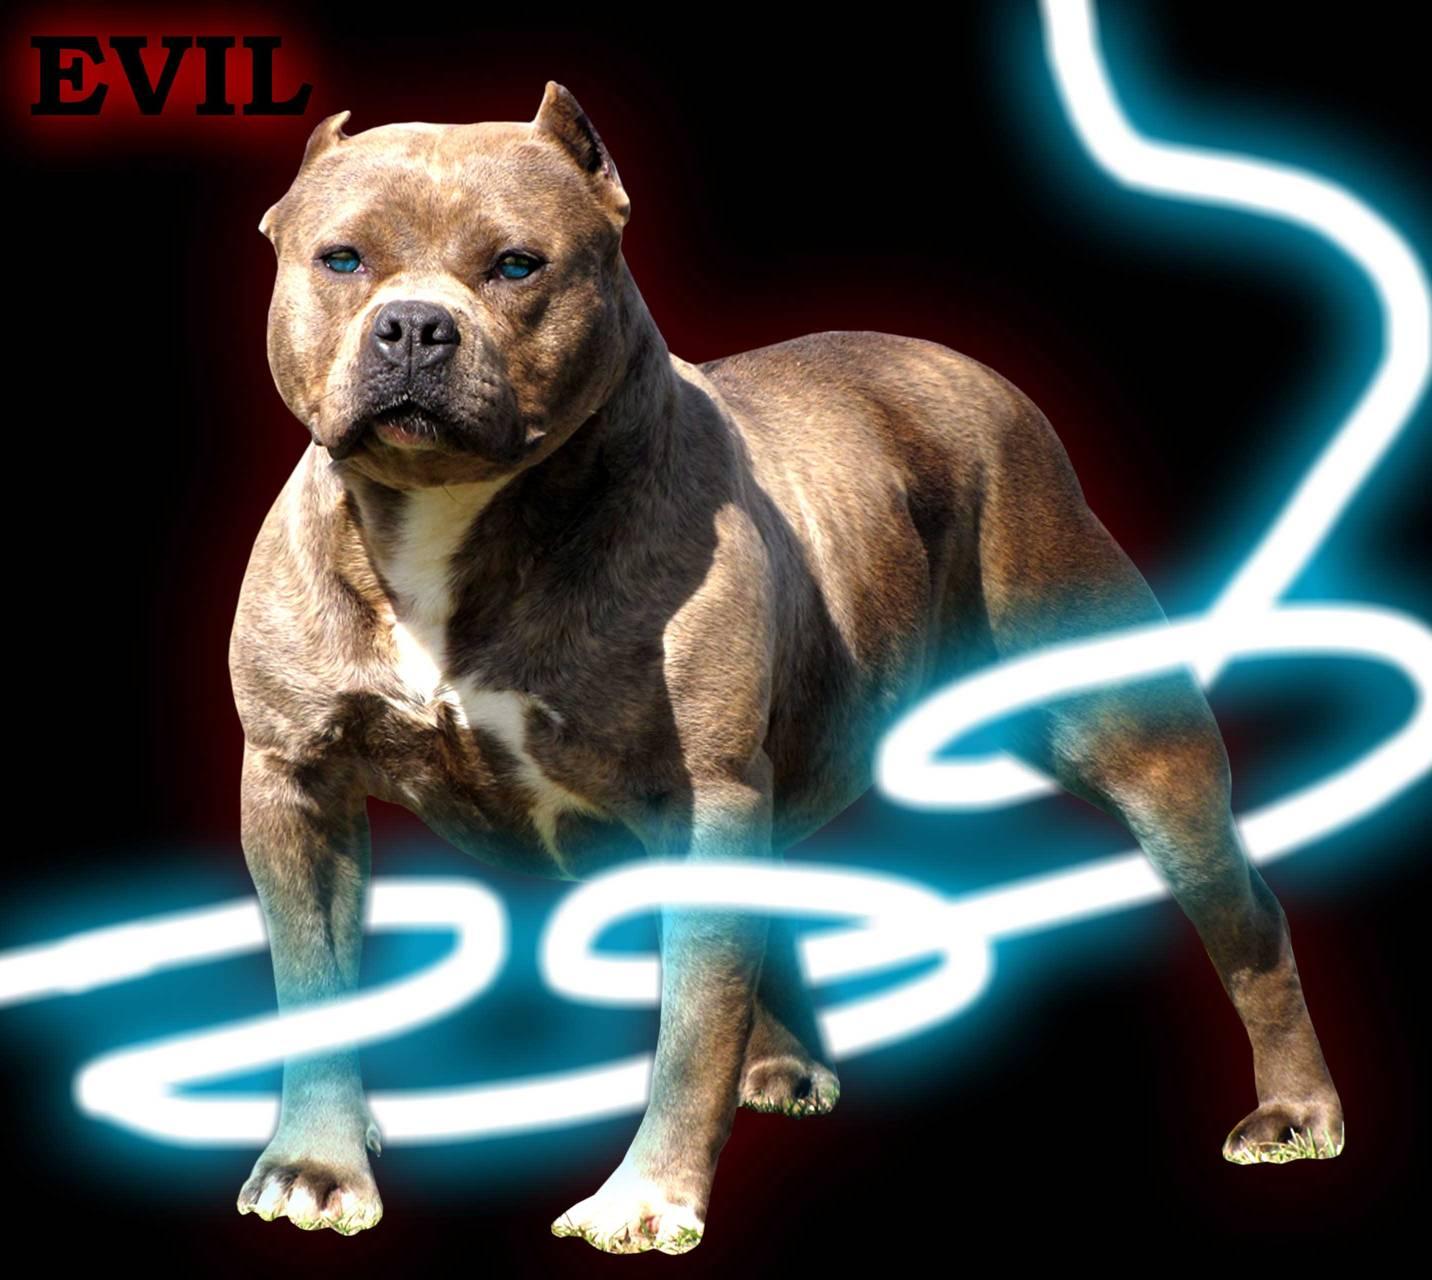 evill